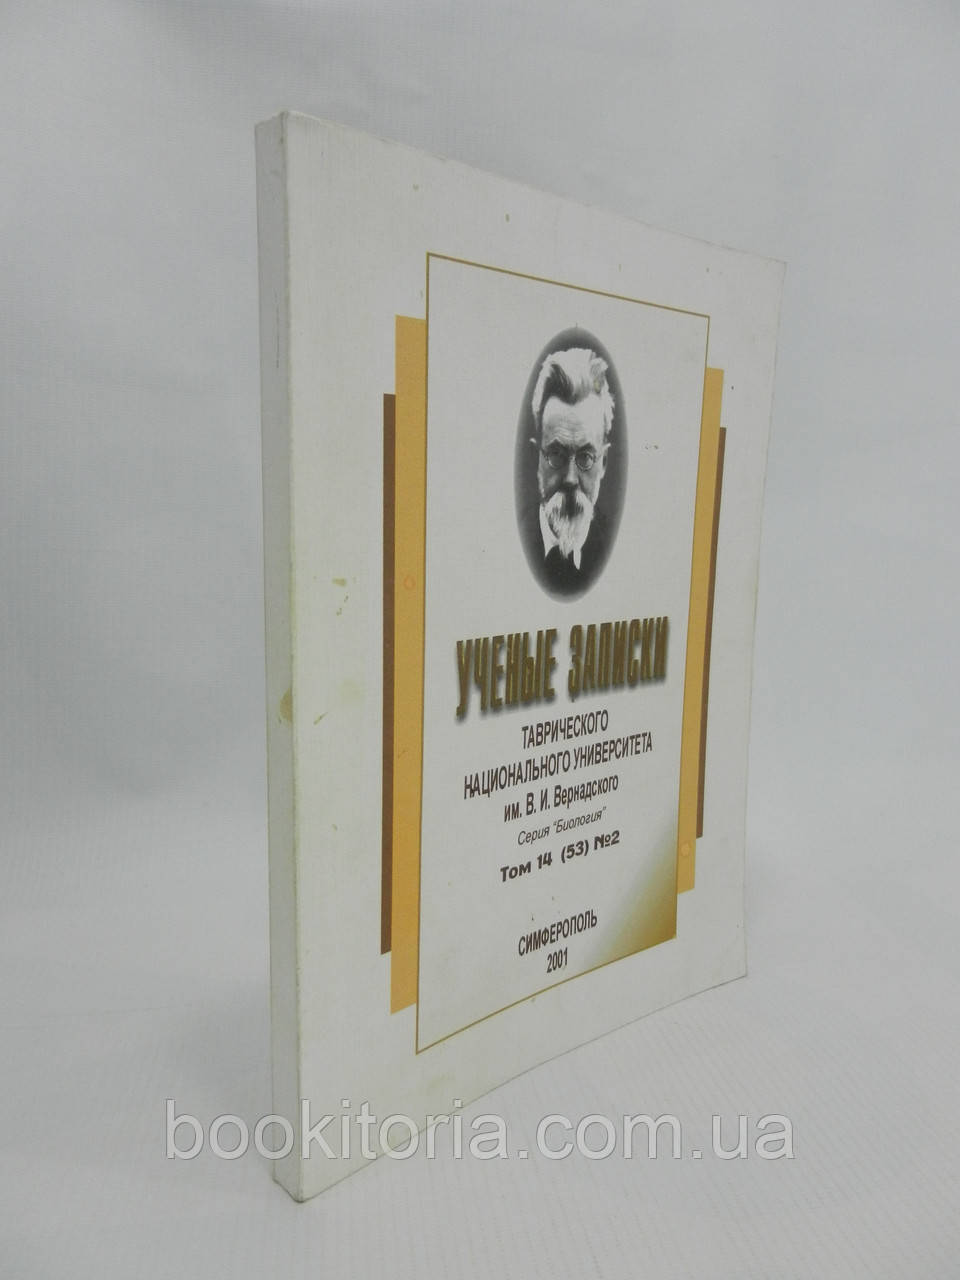 Ученые записки Таврического национального университета им. В.И. Вернадского. Т. 14 (53) (б/у).